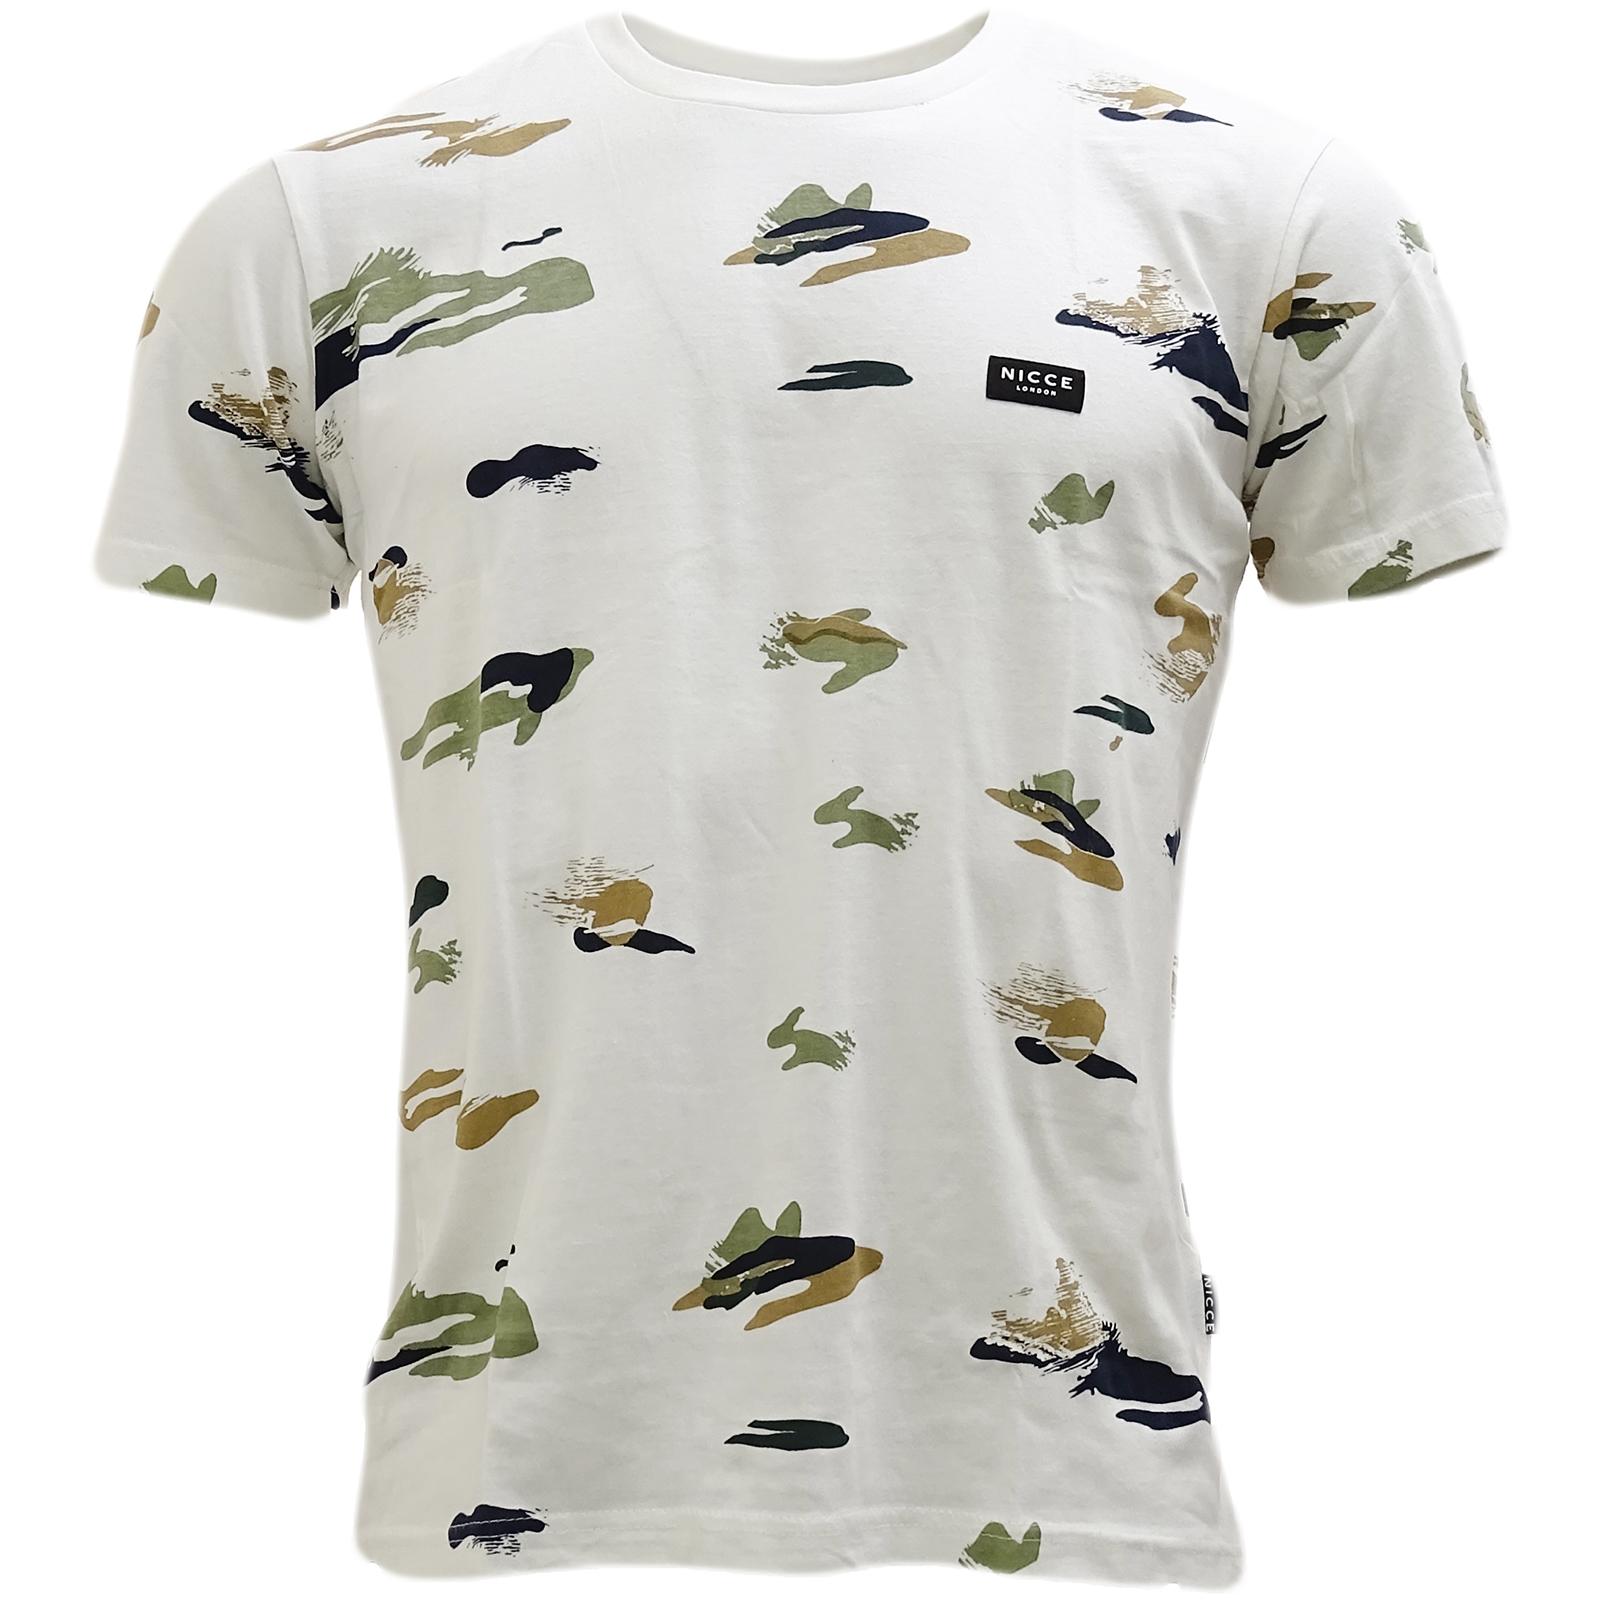 Nicce T-Shirt - LOTS OF OF OF STYLES - Mens T Shirts - NEW 2018 | Deutsche Outlets  | Verschiedene Stile und Stile  64d050